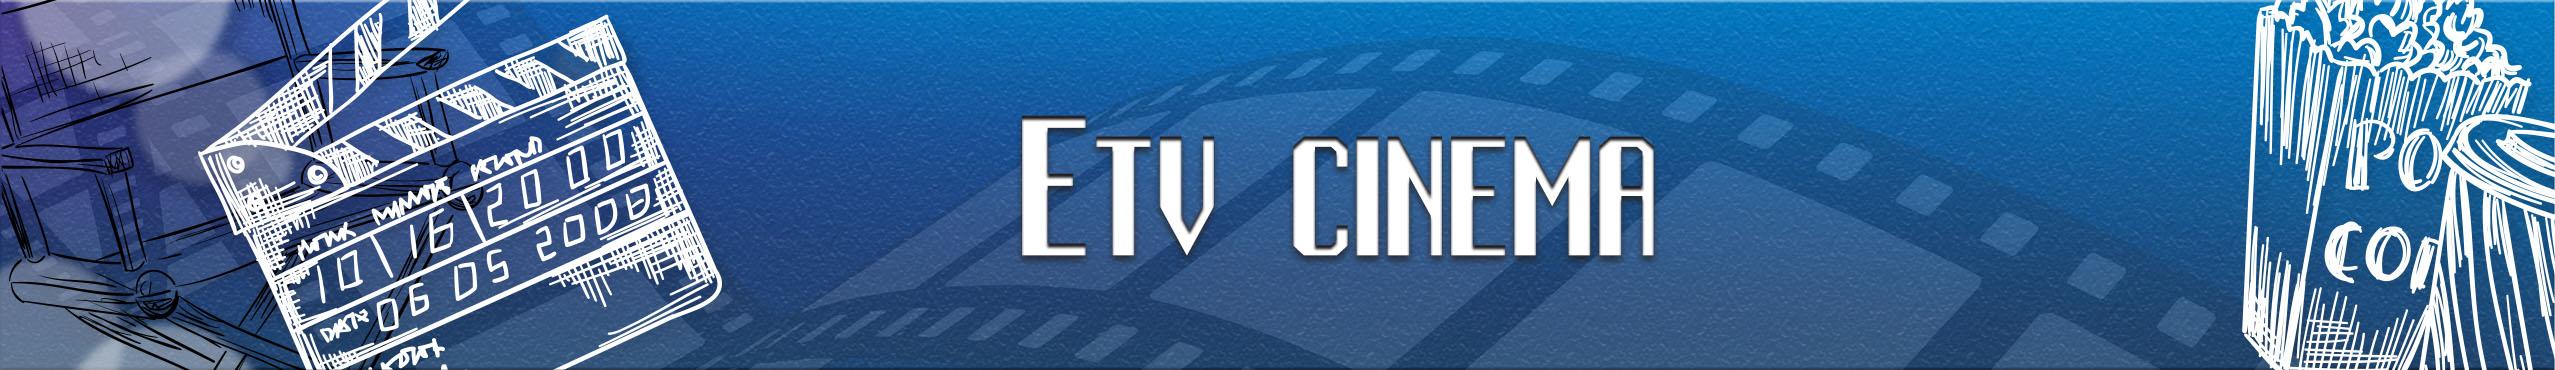 banner film etv